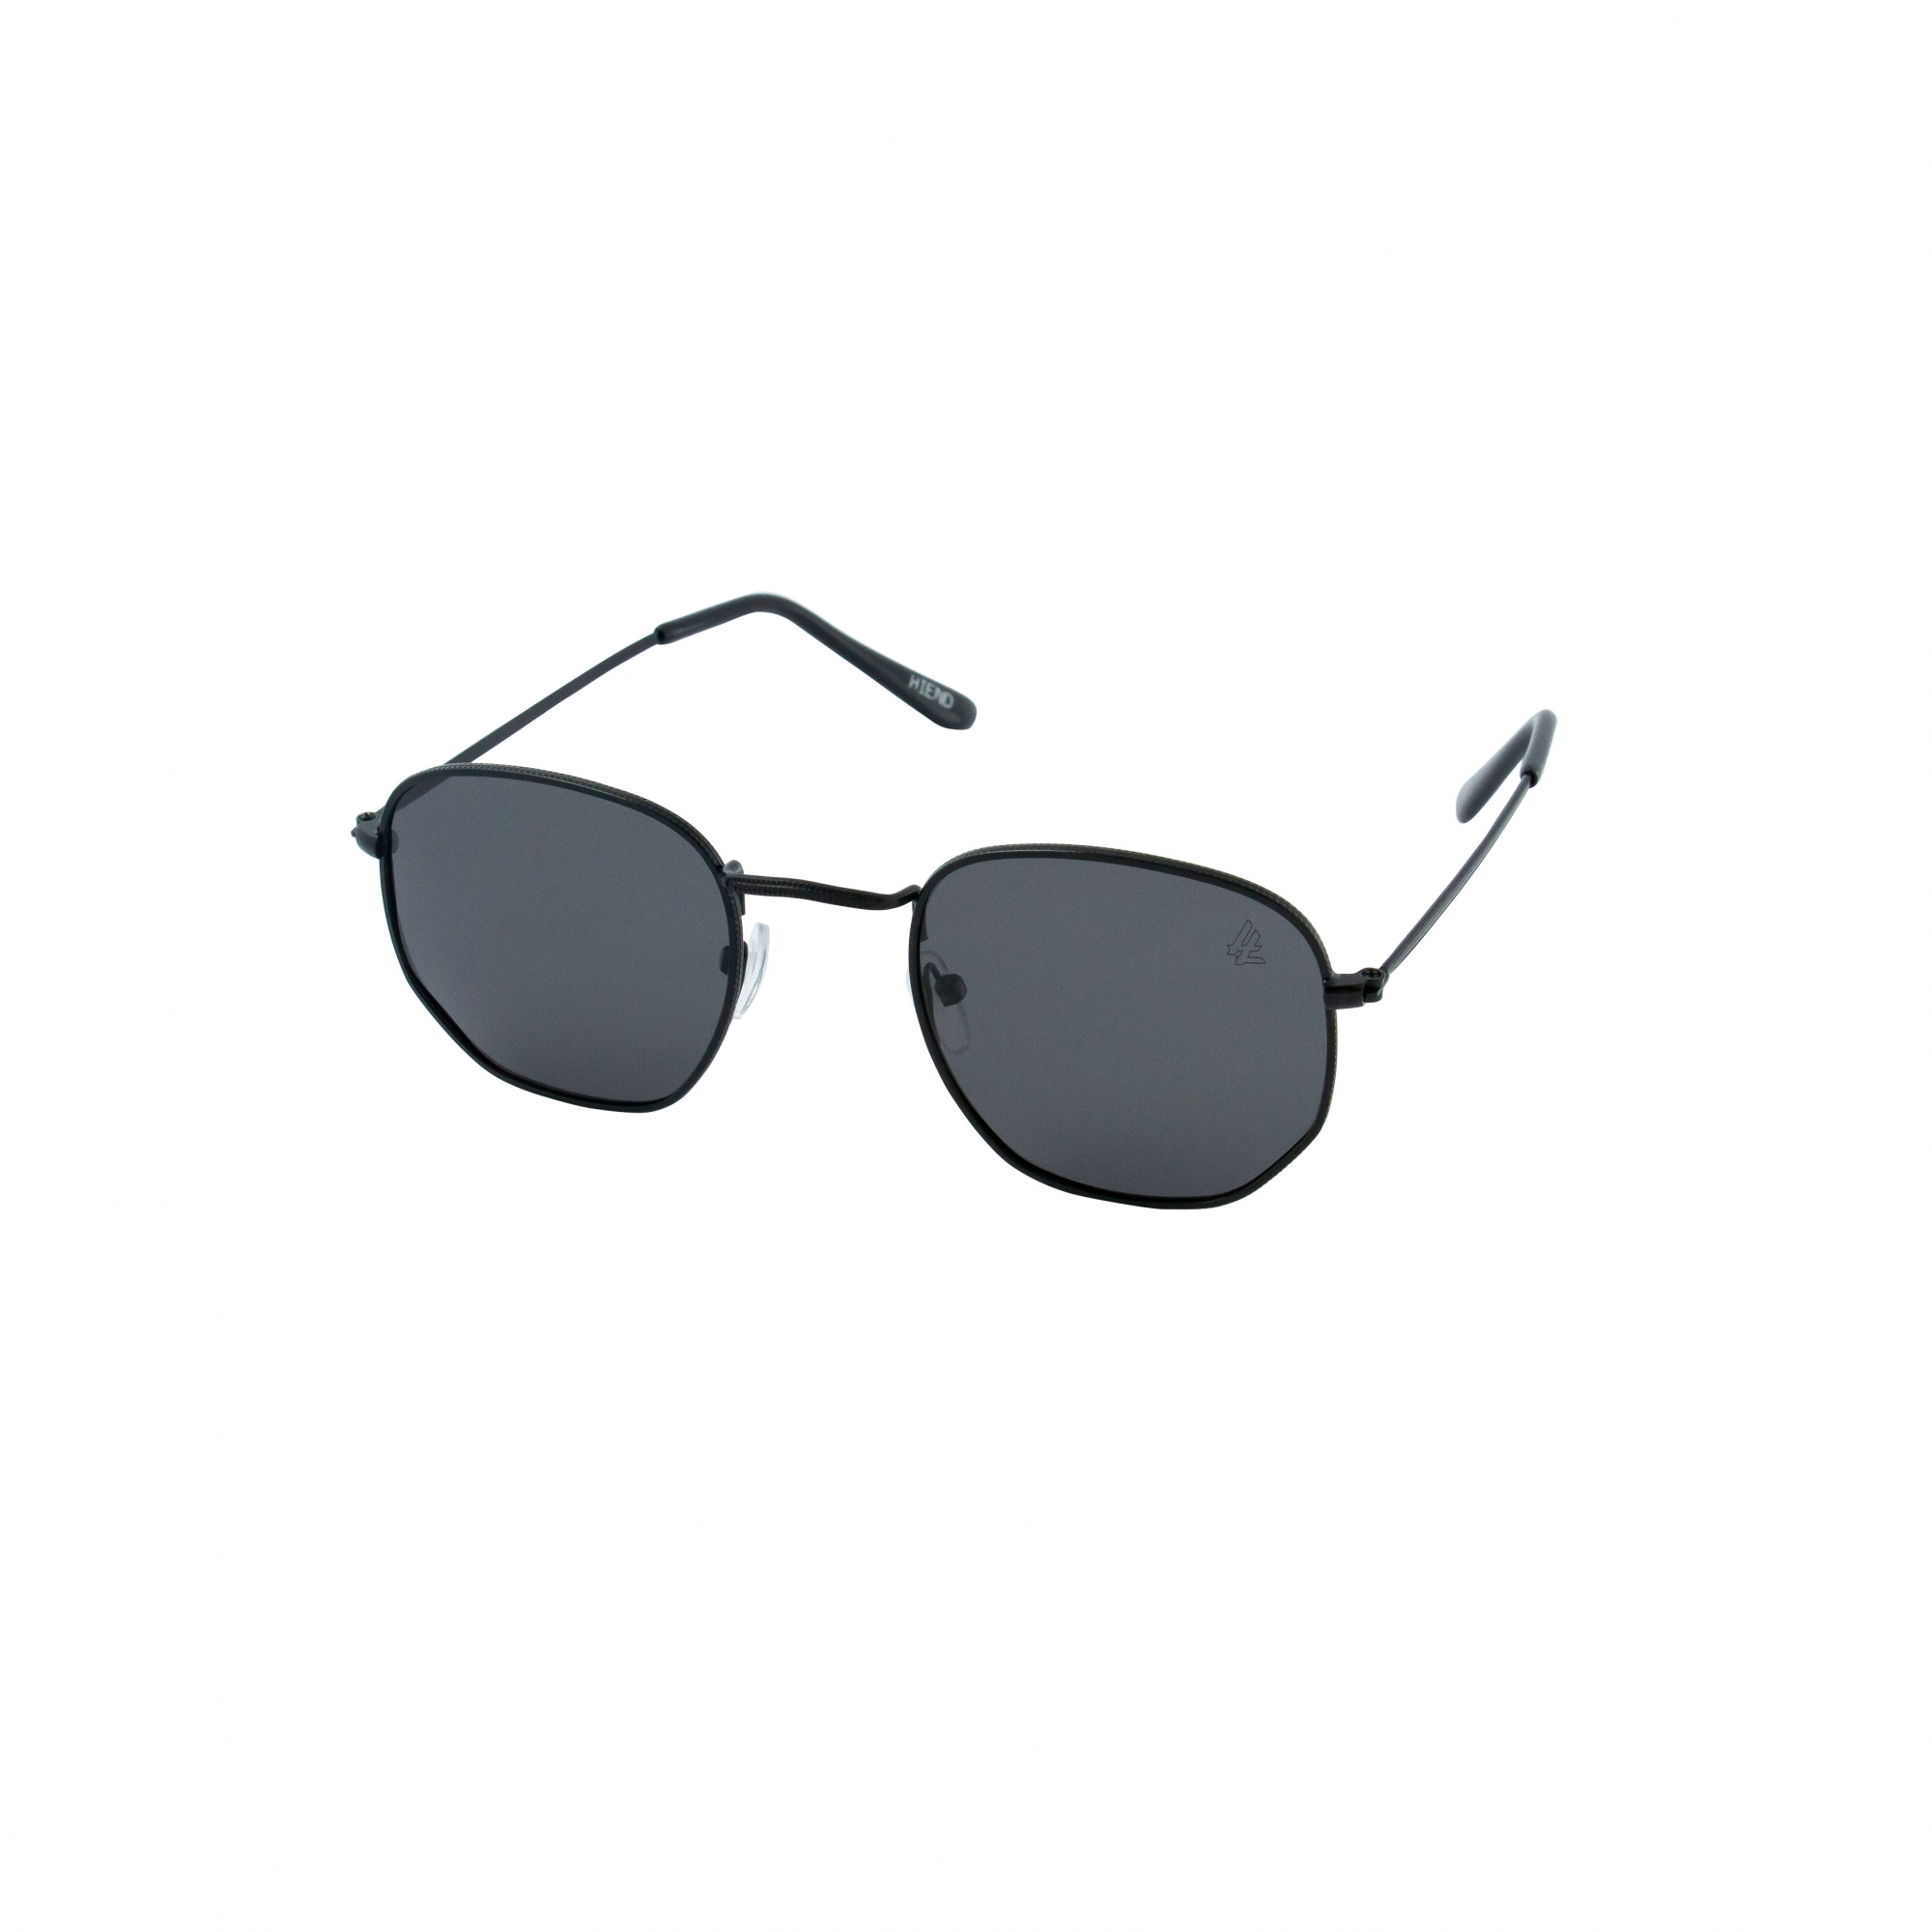 Óculos de Sol Hiend Hexagonal